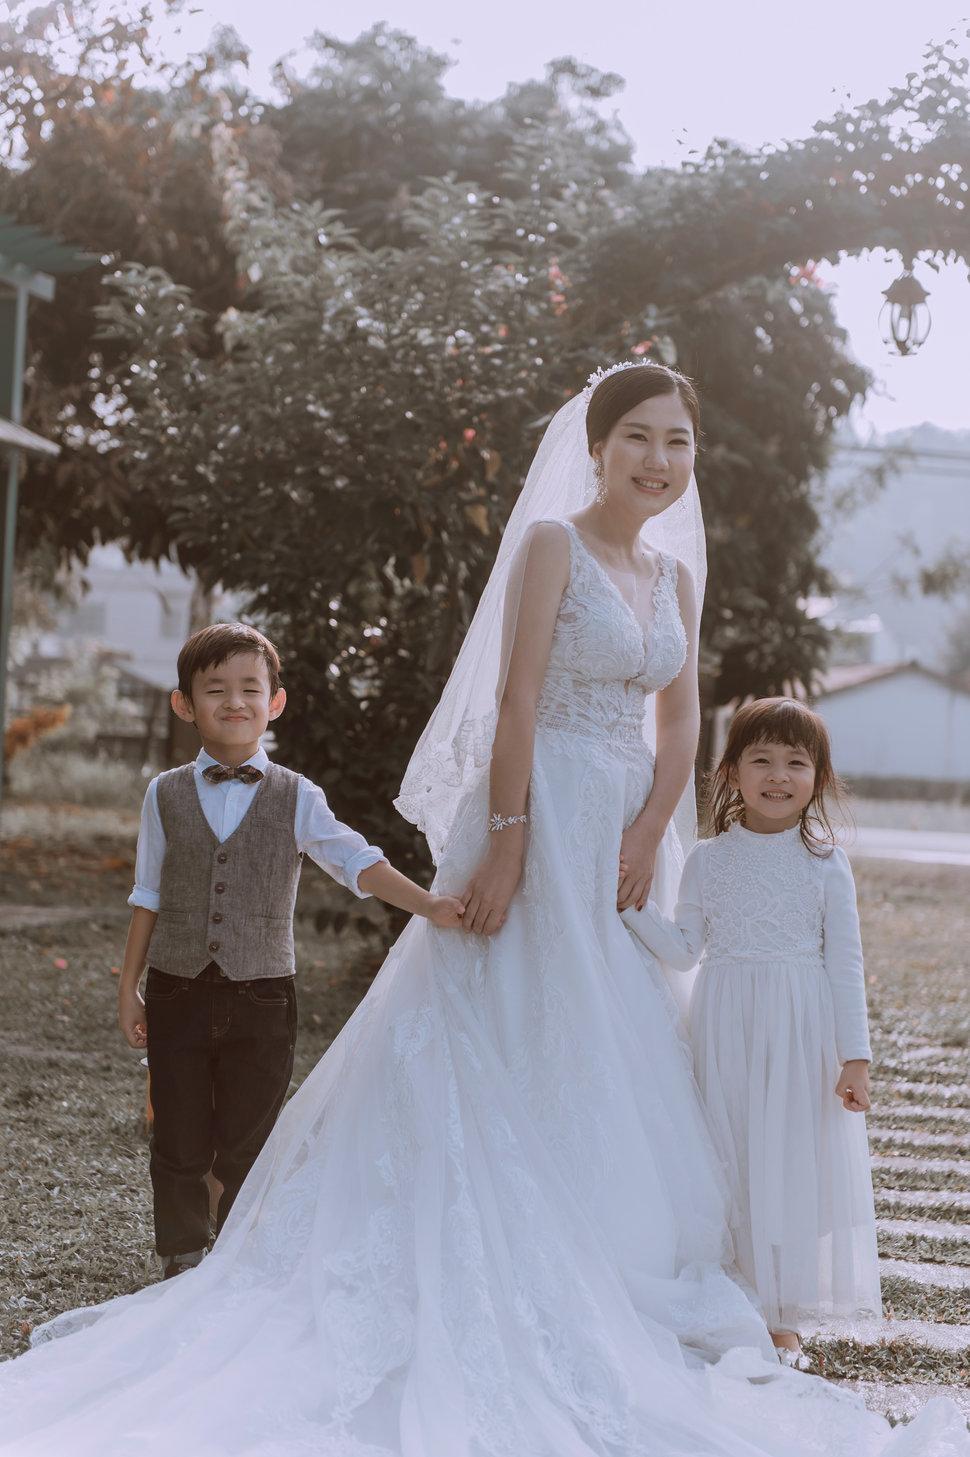 20191026-5 - 許仙 XuXian攝影工作室《結婚吧》